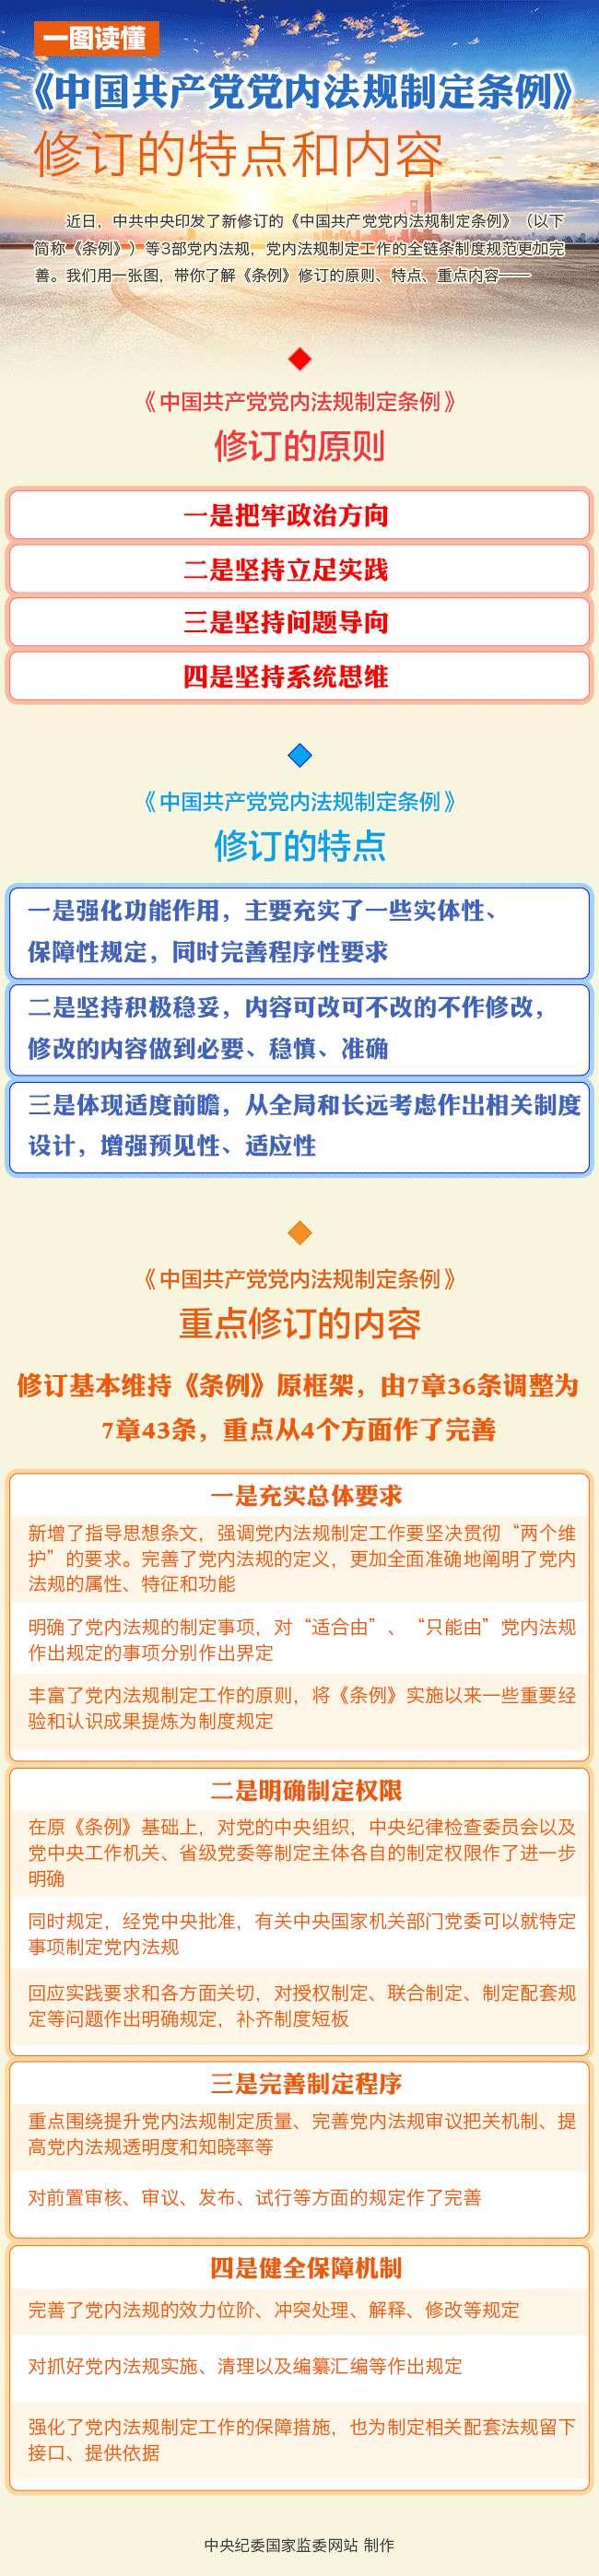 一圖讀懂《中國共產黨黨內法規制定條例》修訂的特點和內容.jpg